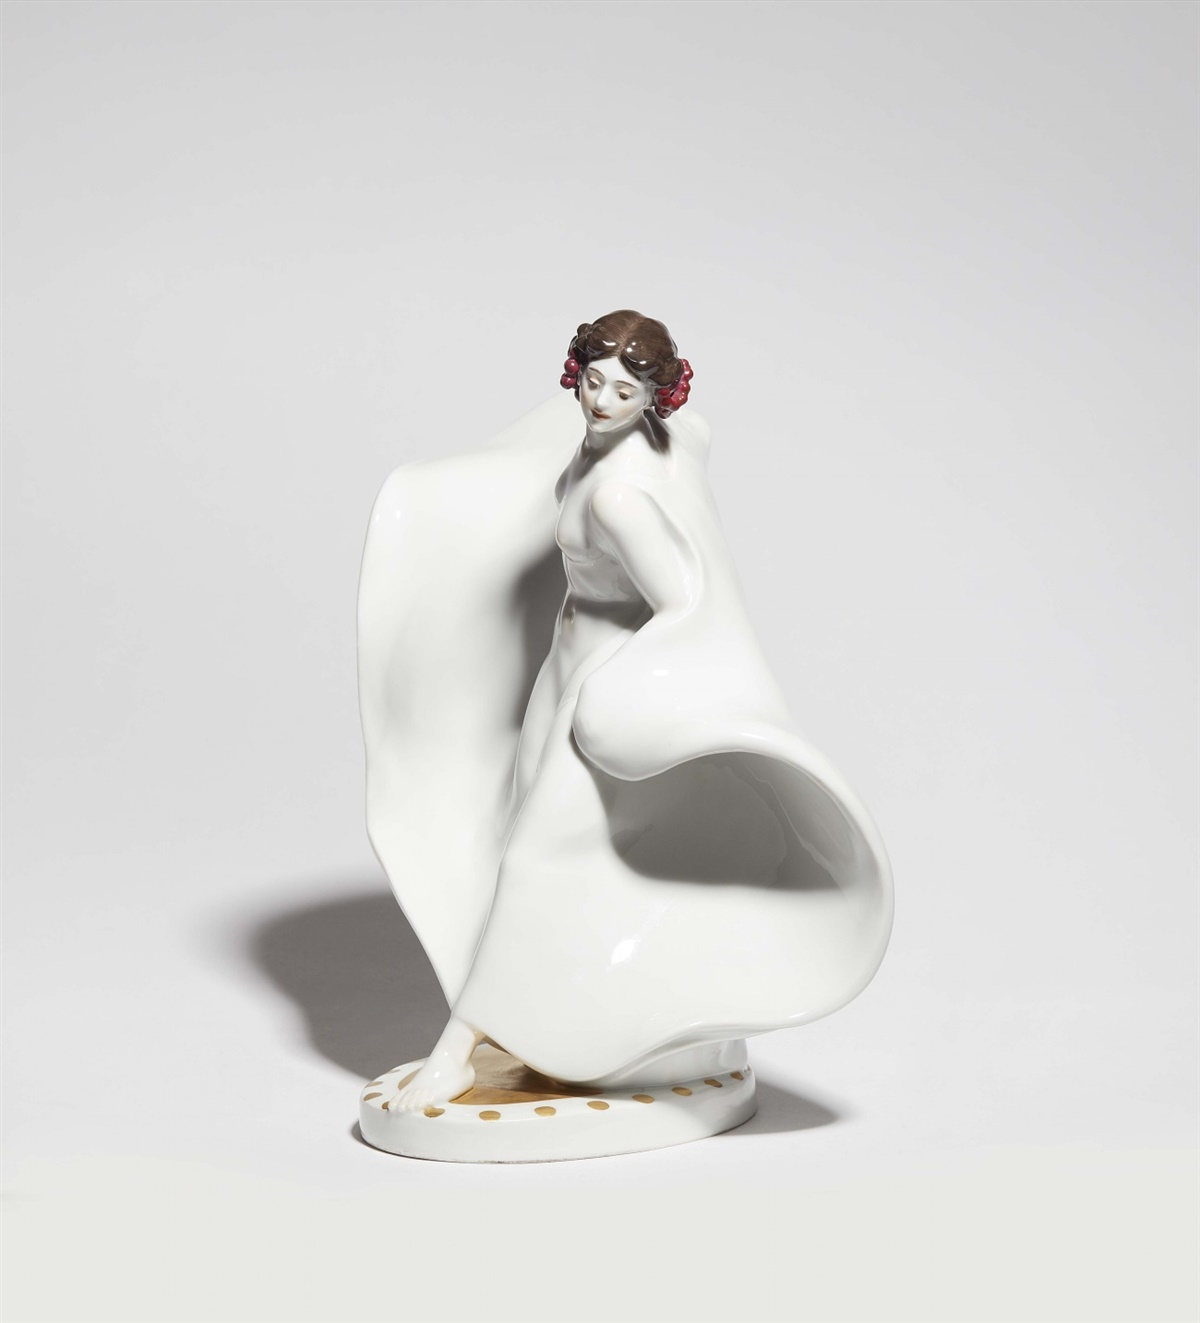 Seltene Figur der Tänzerin Loie FullerPorzellan, farbiger Unter- und Aufglasurdekor, Vergoldung.